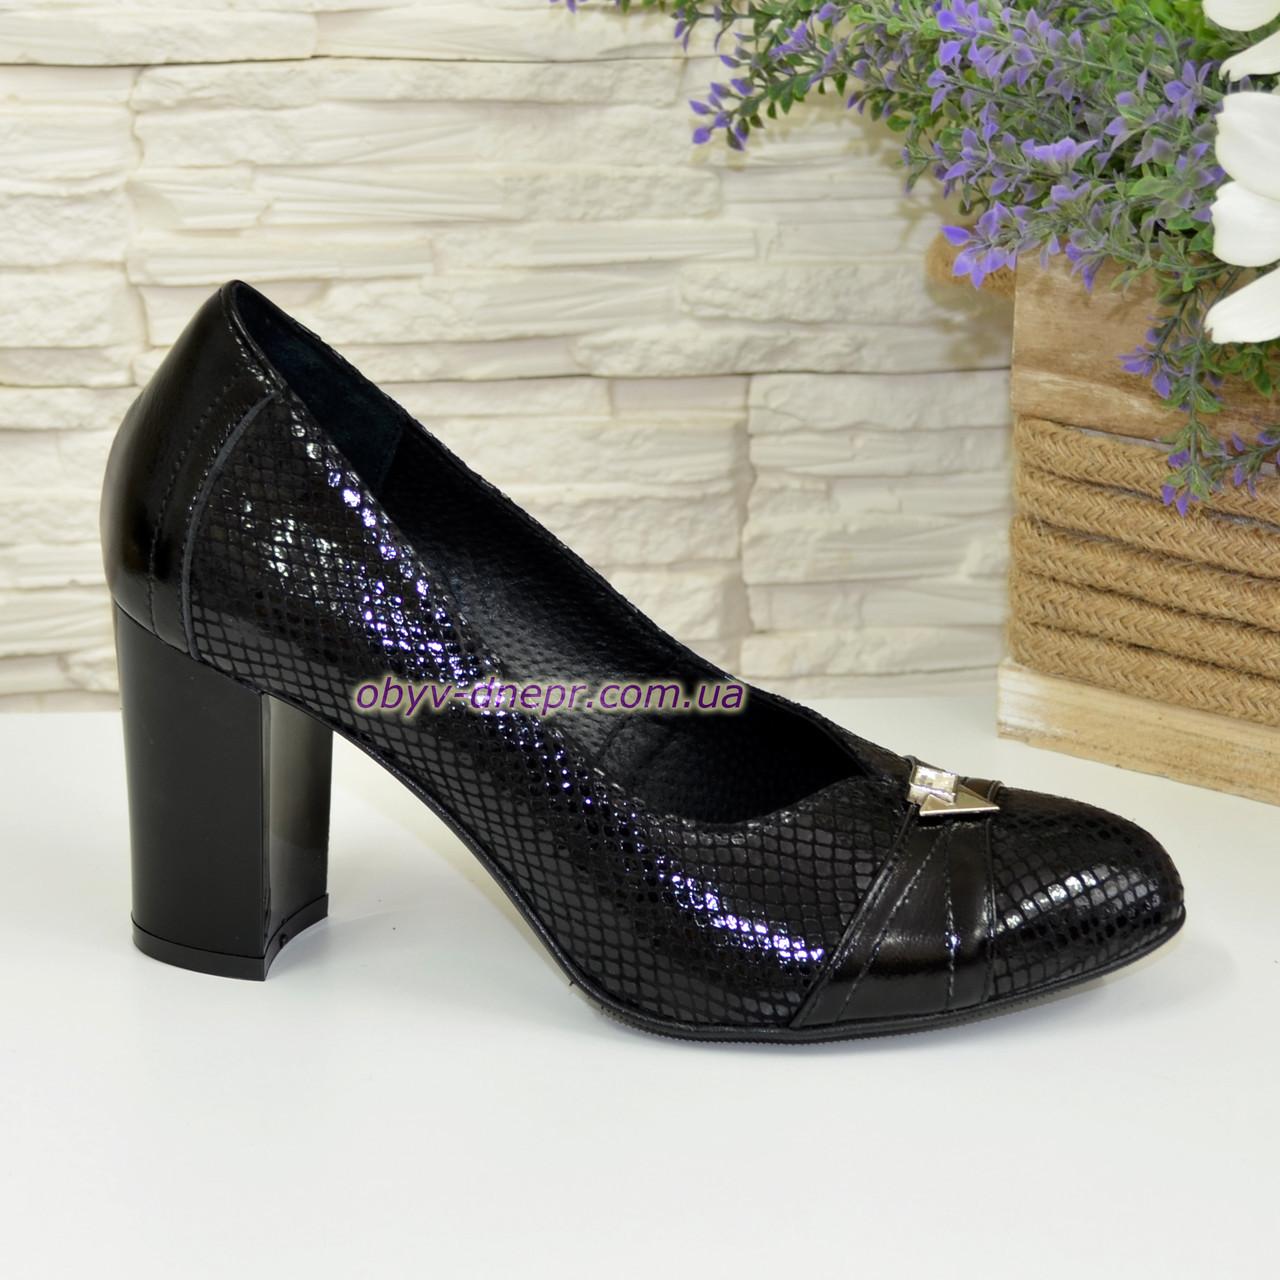 Туфли женские на высоком каблуке, натуральный лак и замш